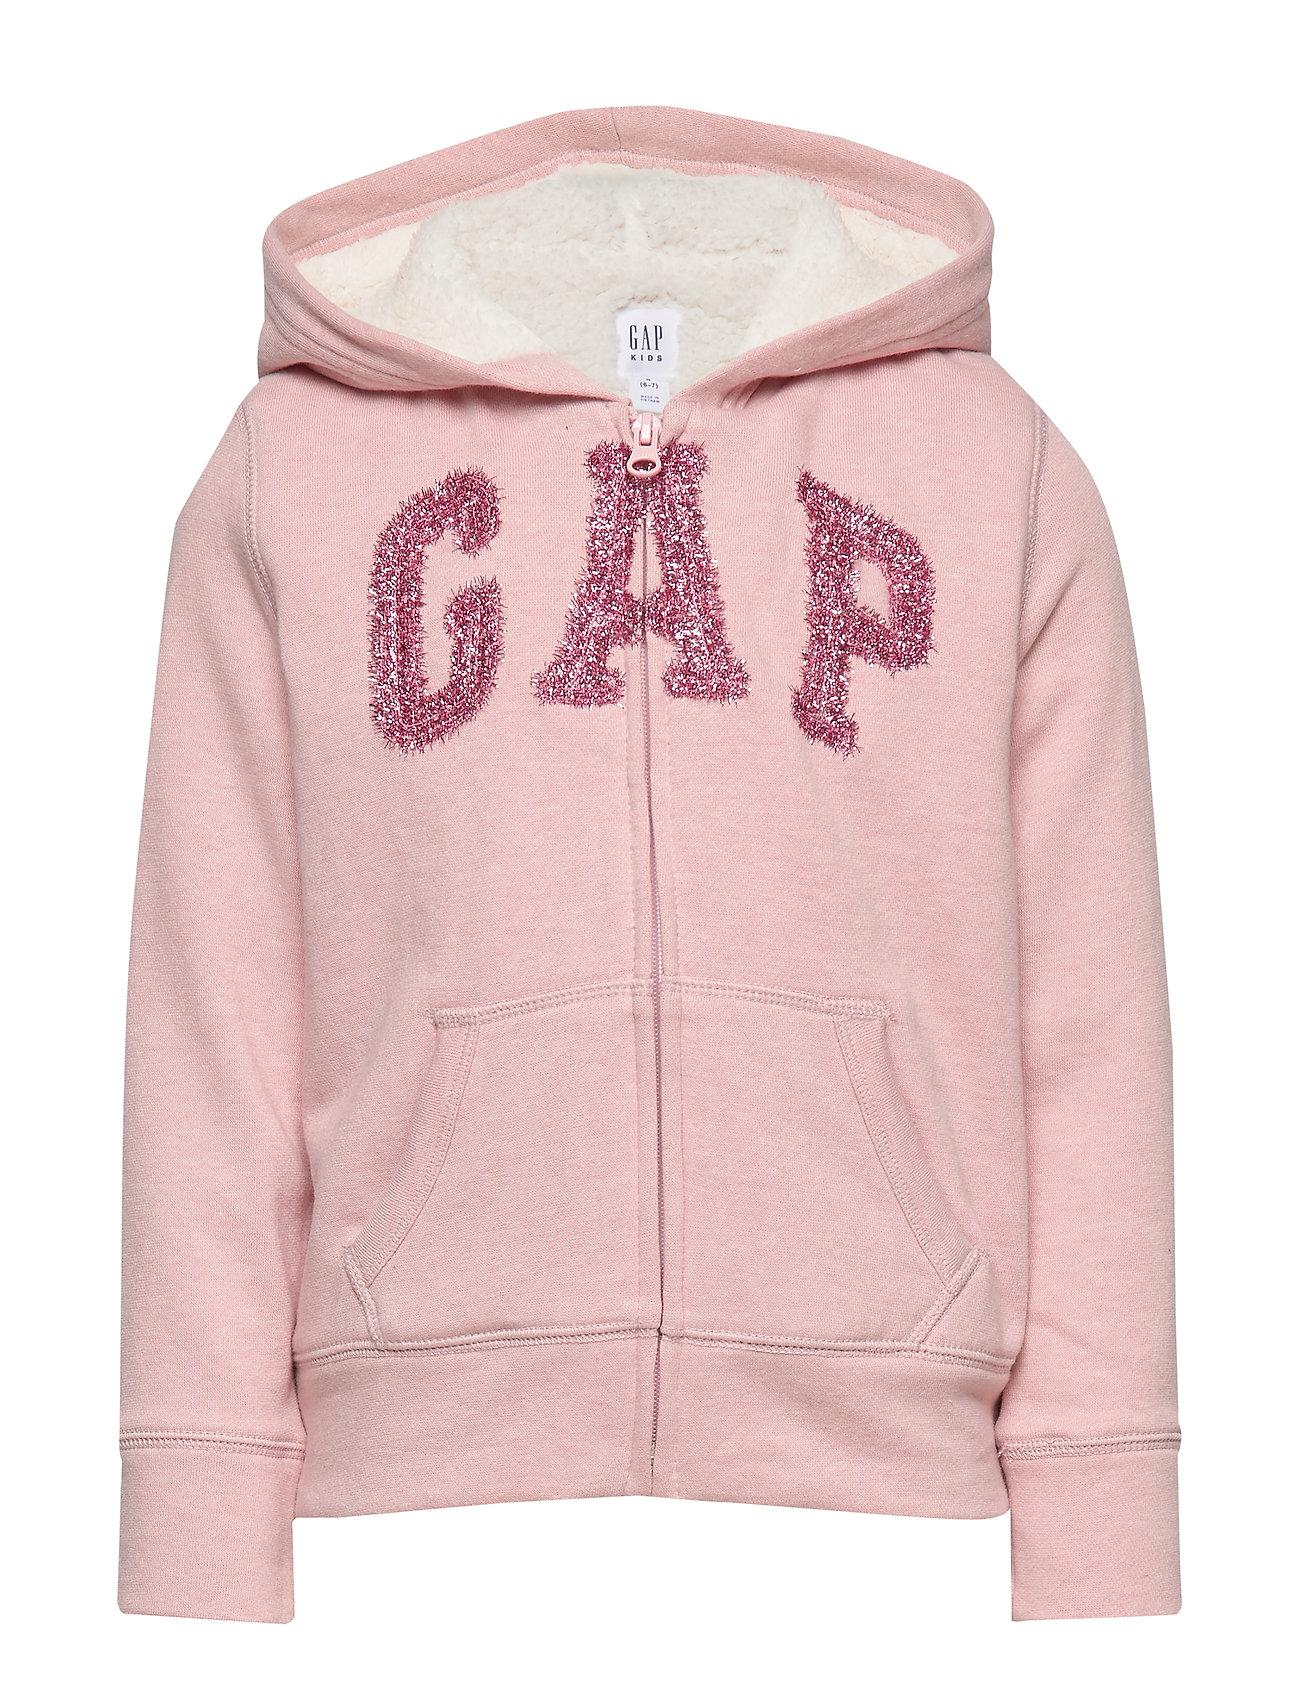 GAP Kids Gap Logo Sherpa Hoodie Sweatshirt - PINK STANDARD